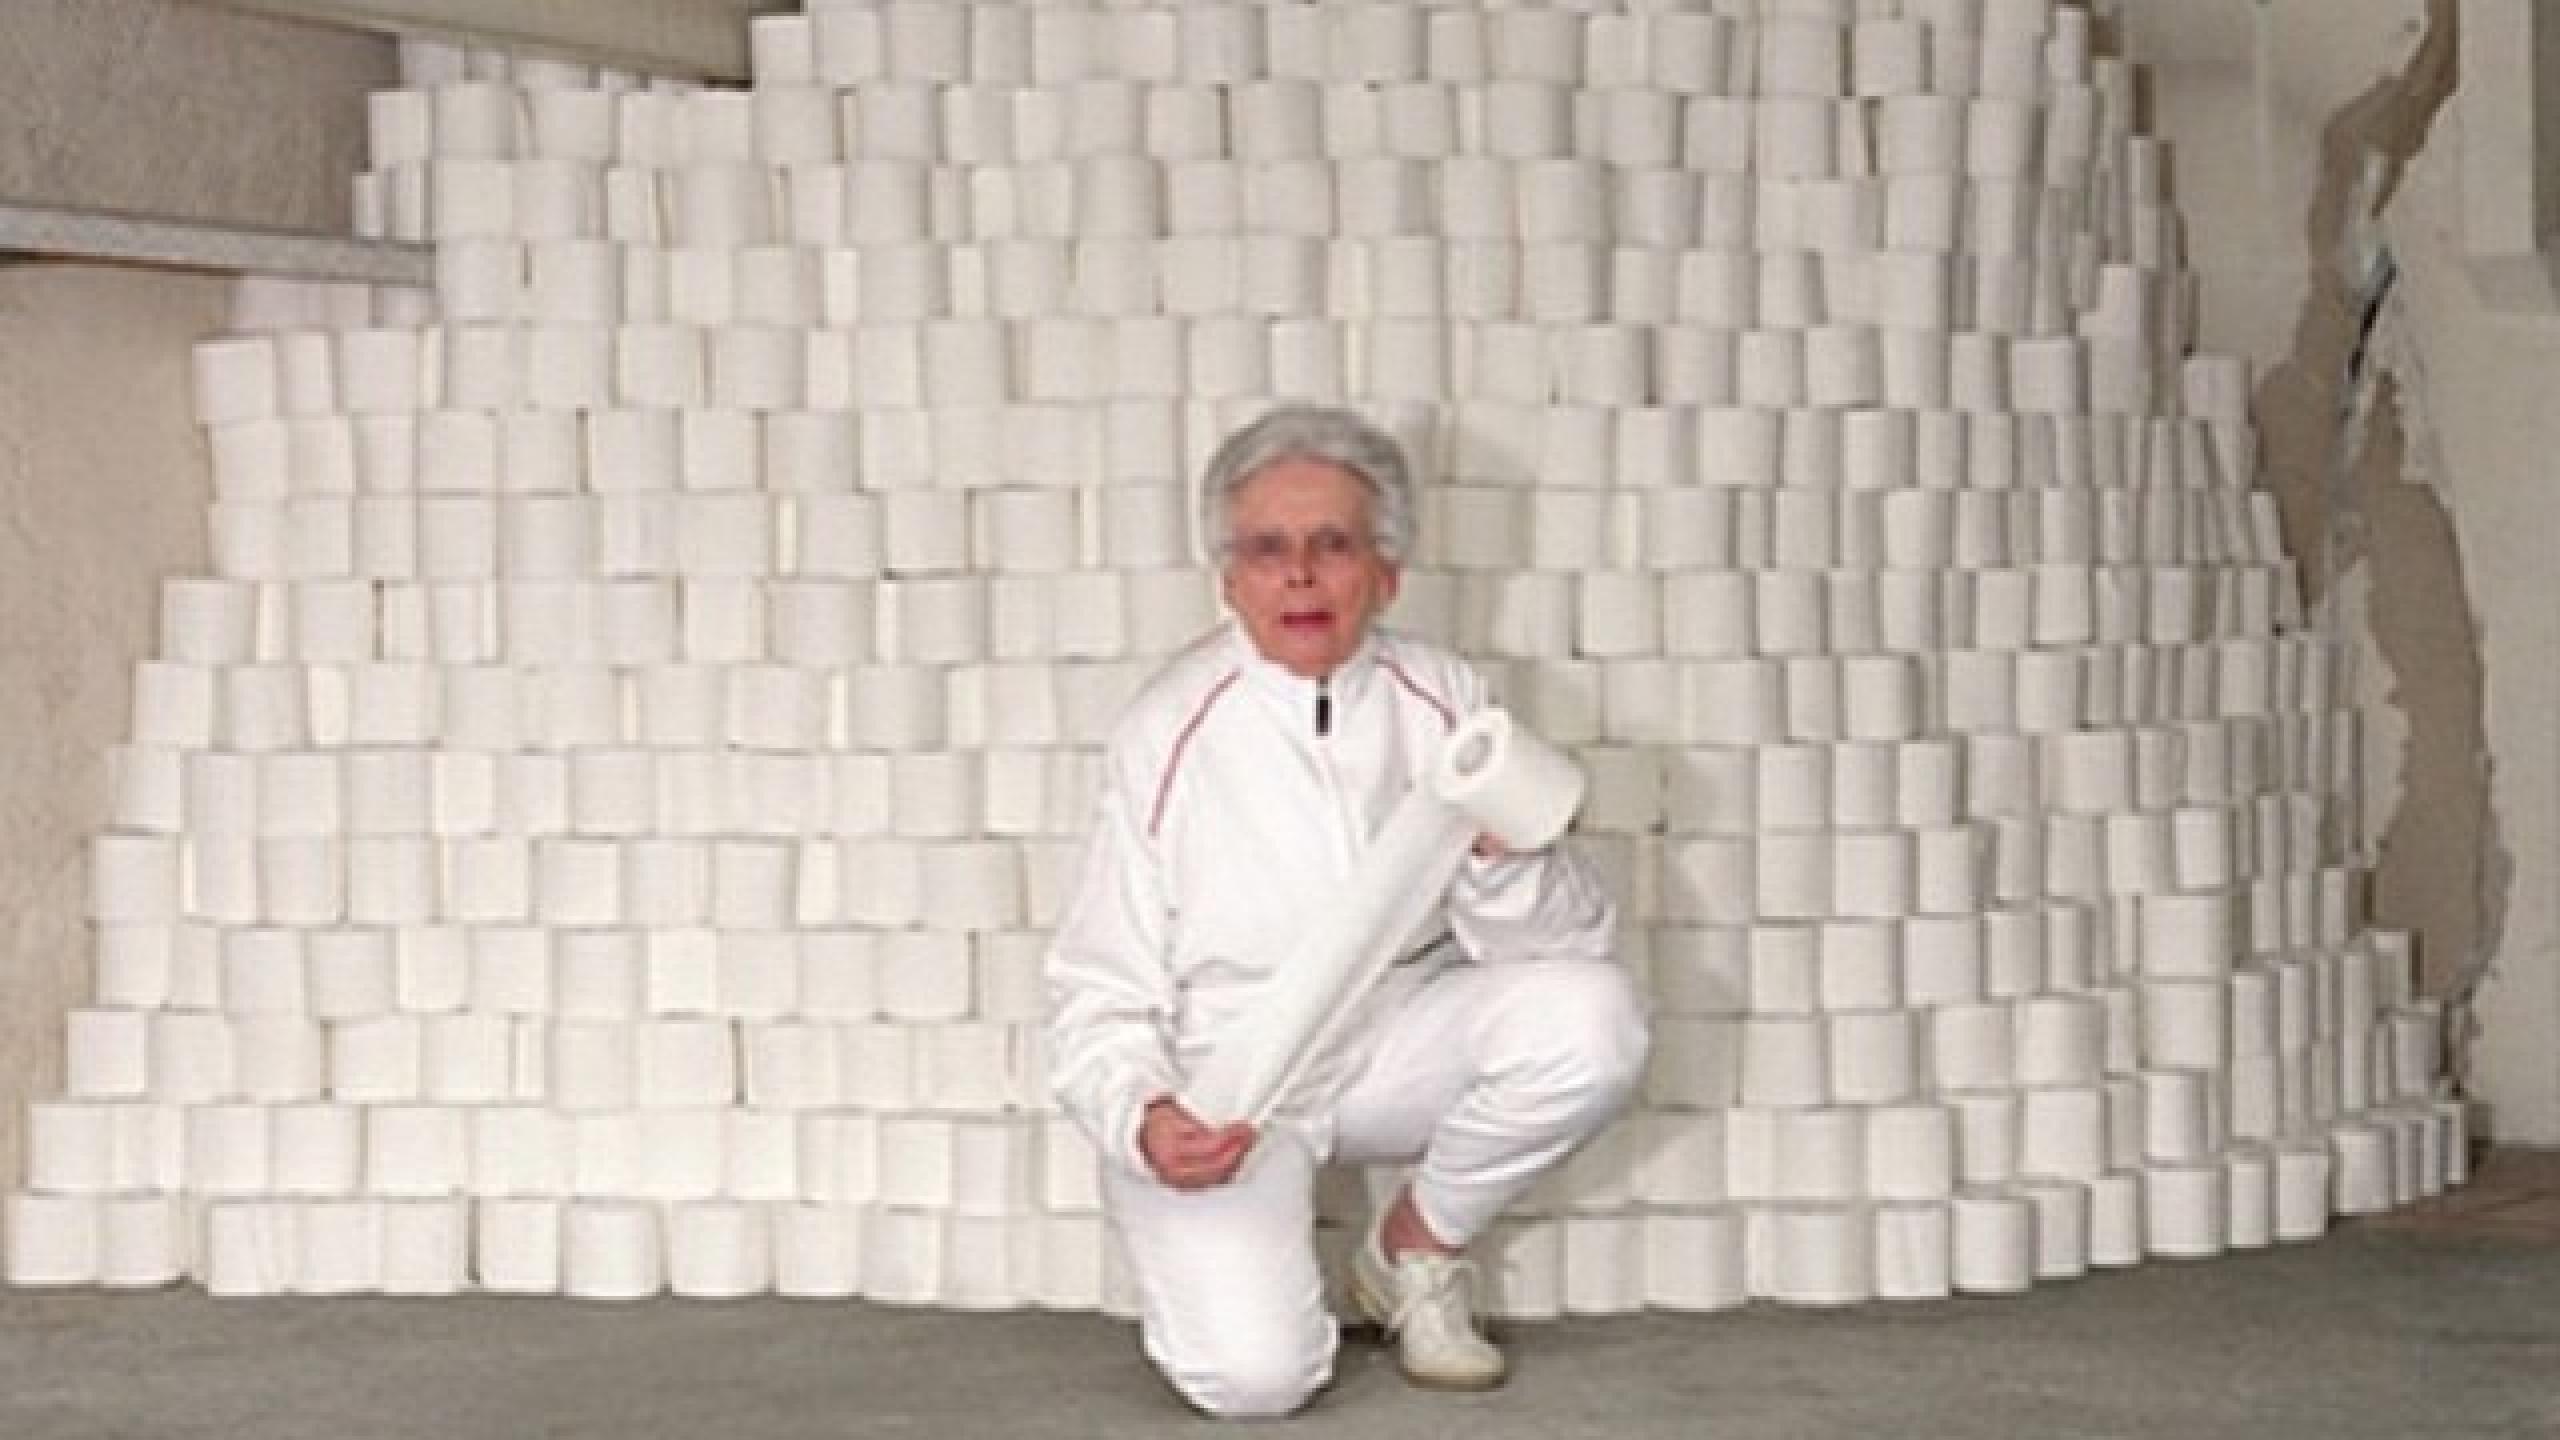 Fondo virtual de Zoom de meme de una señora con papel higiénico